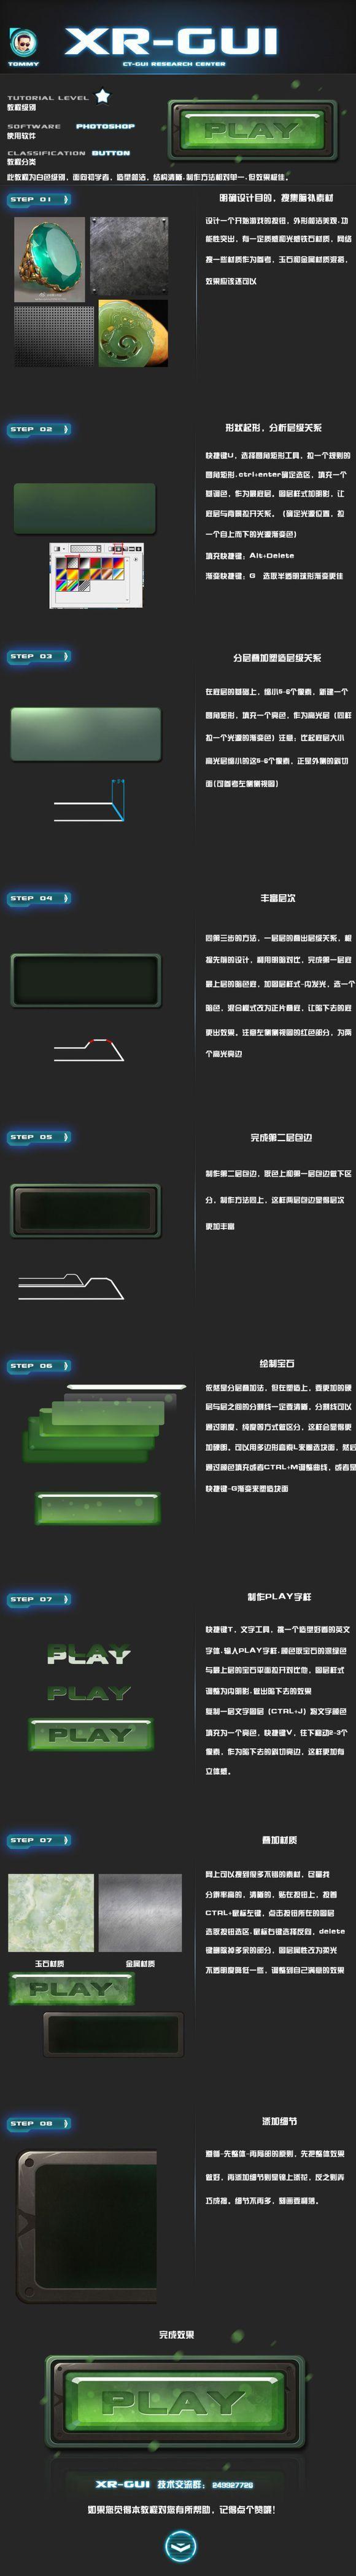 游戏UI教程-按钮的制作技巧 初级教程_...